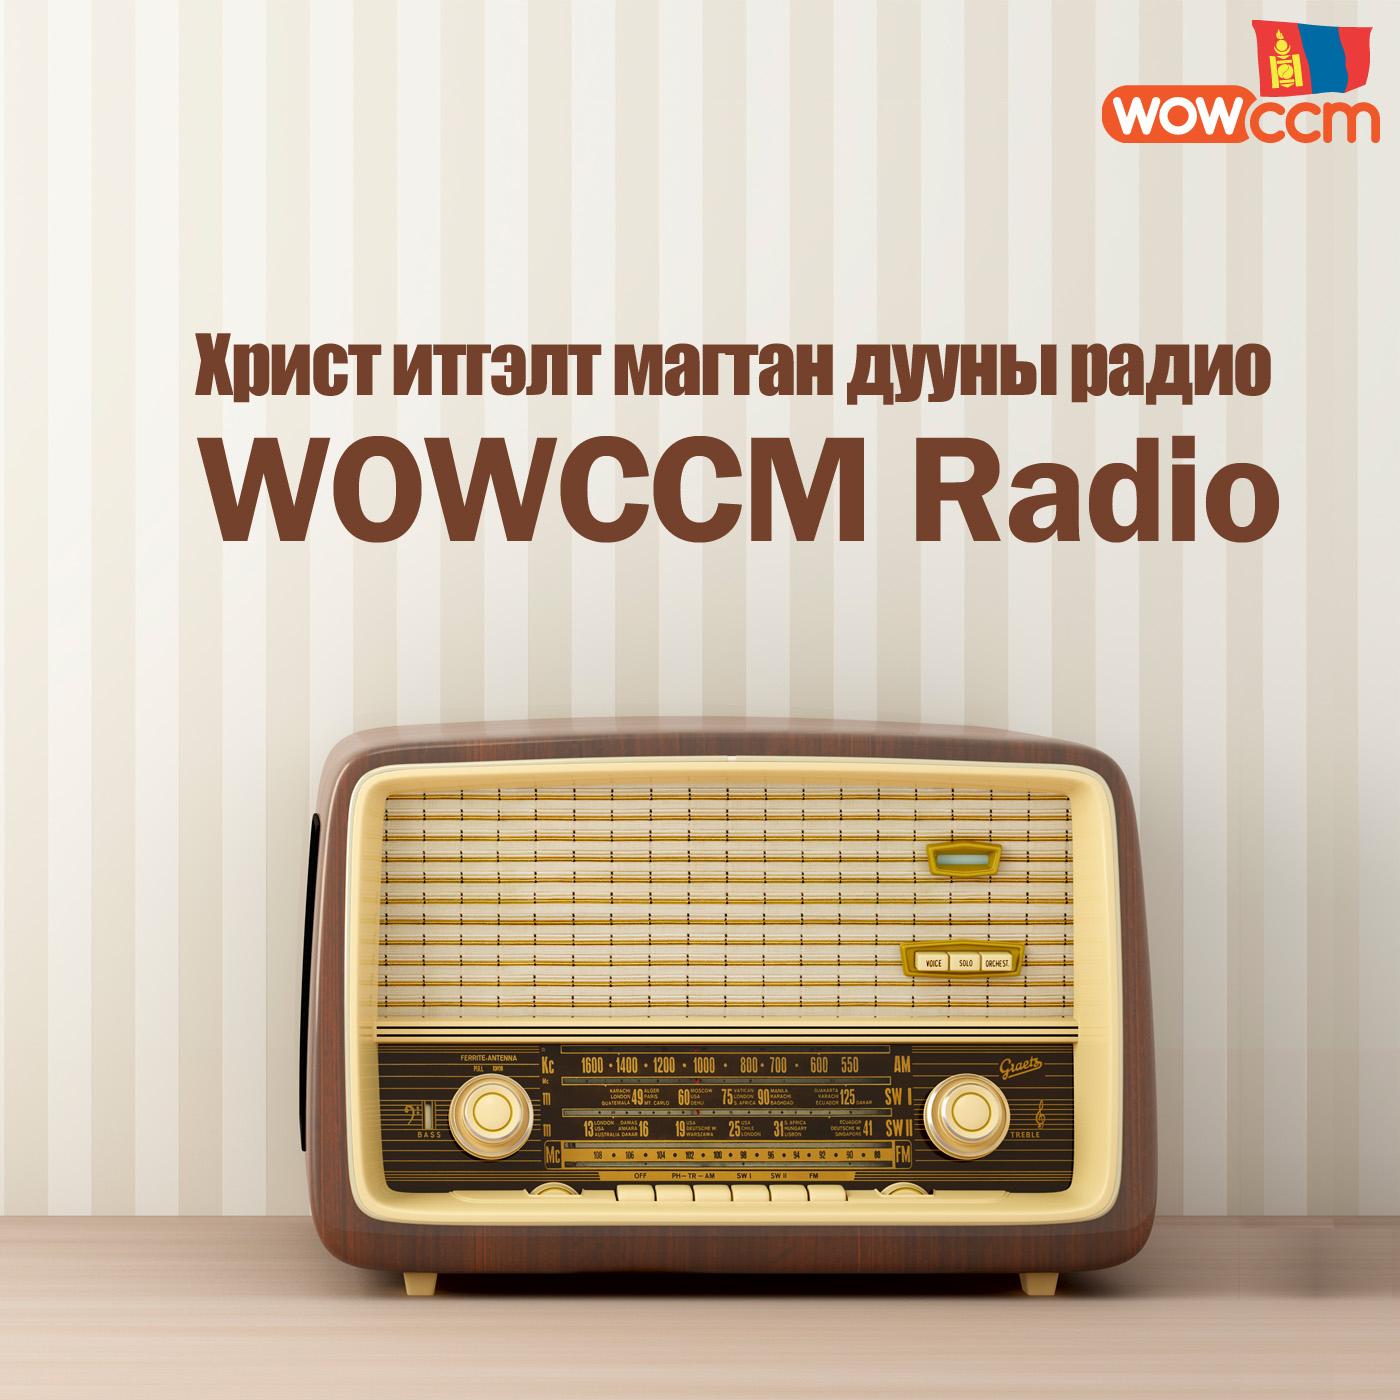 Christian magtan duunii radio WOWCCM